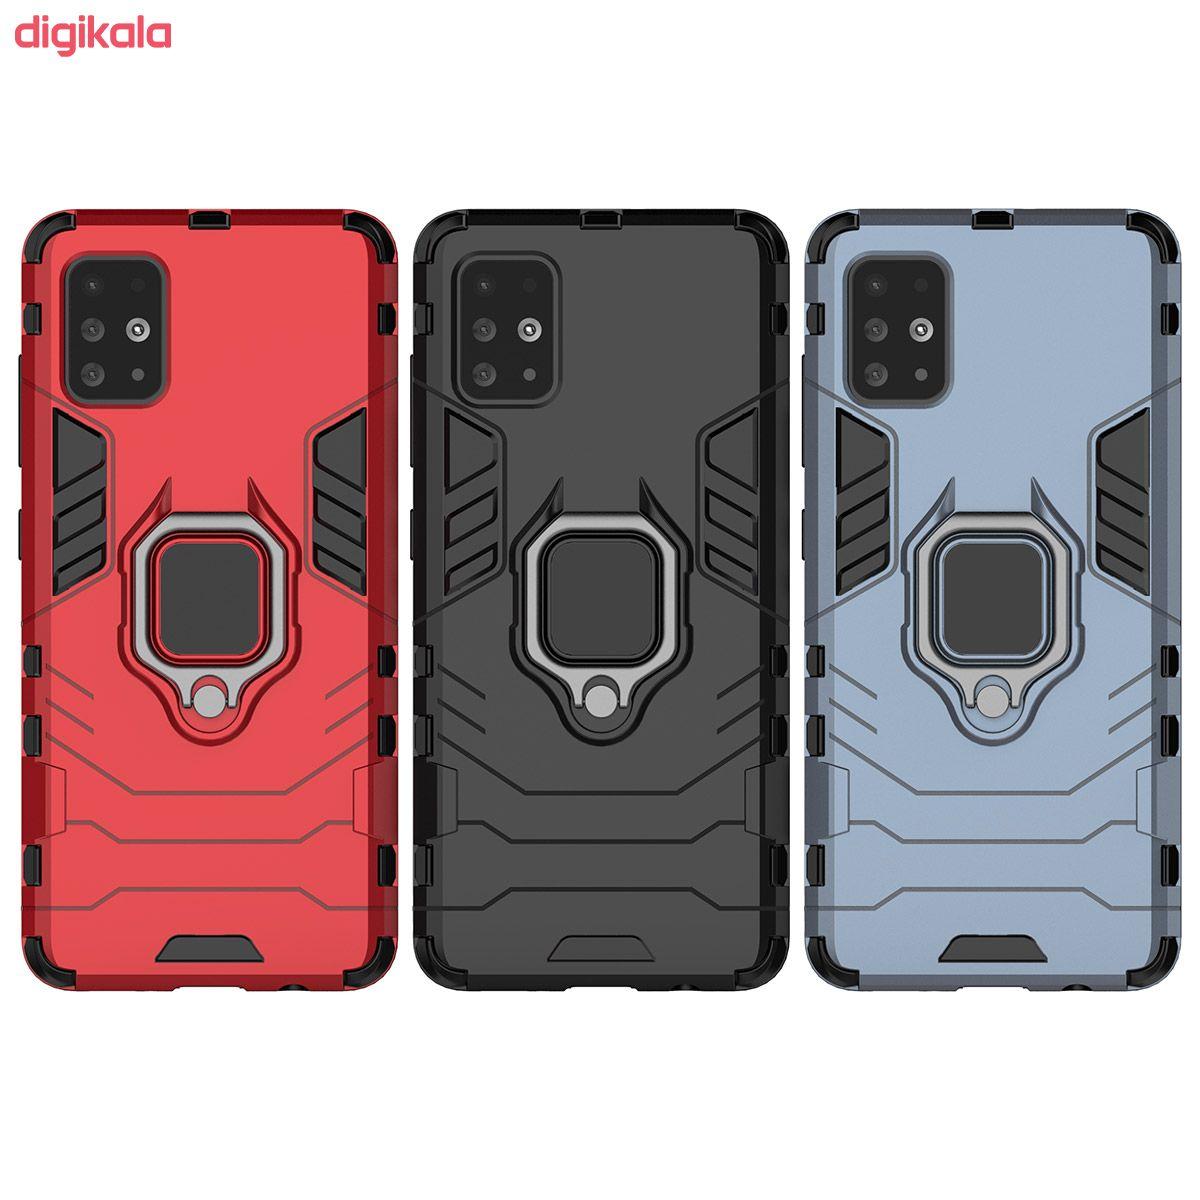 کاور سامورایی مدل ARC-2020 مناسب برای گوشی موبایل سامسونگ Galaxy A71 main 1 21